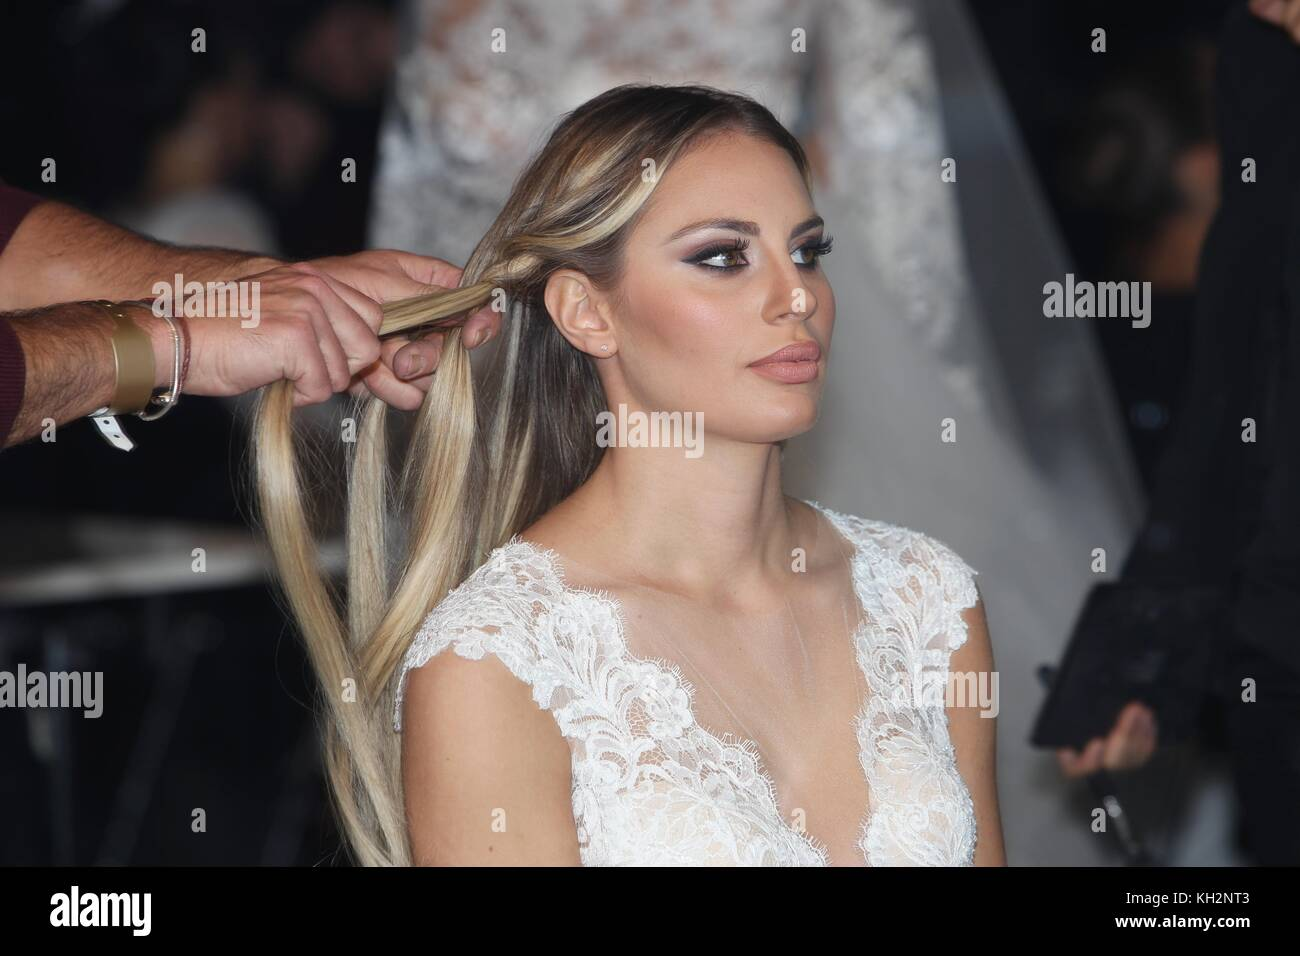 butt Celebrity Francesca Brambilla naked photo 2017